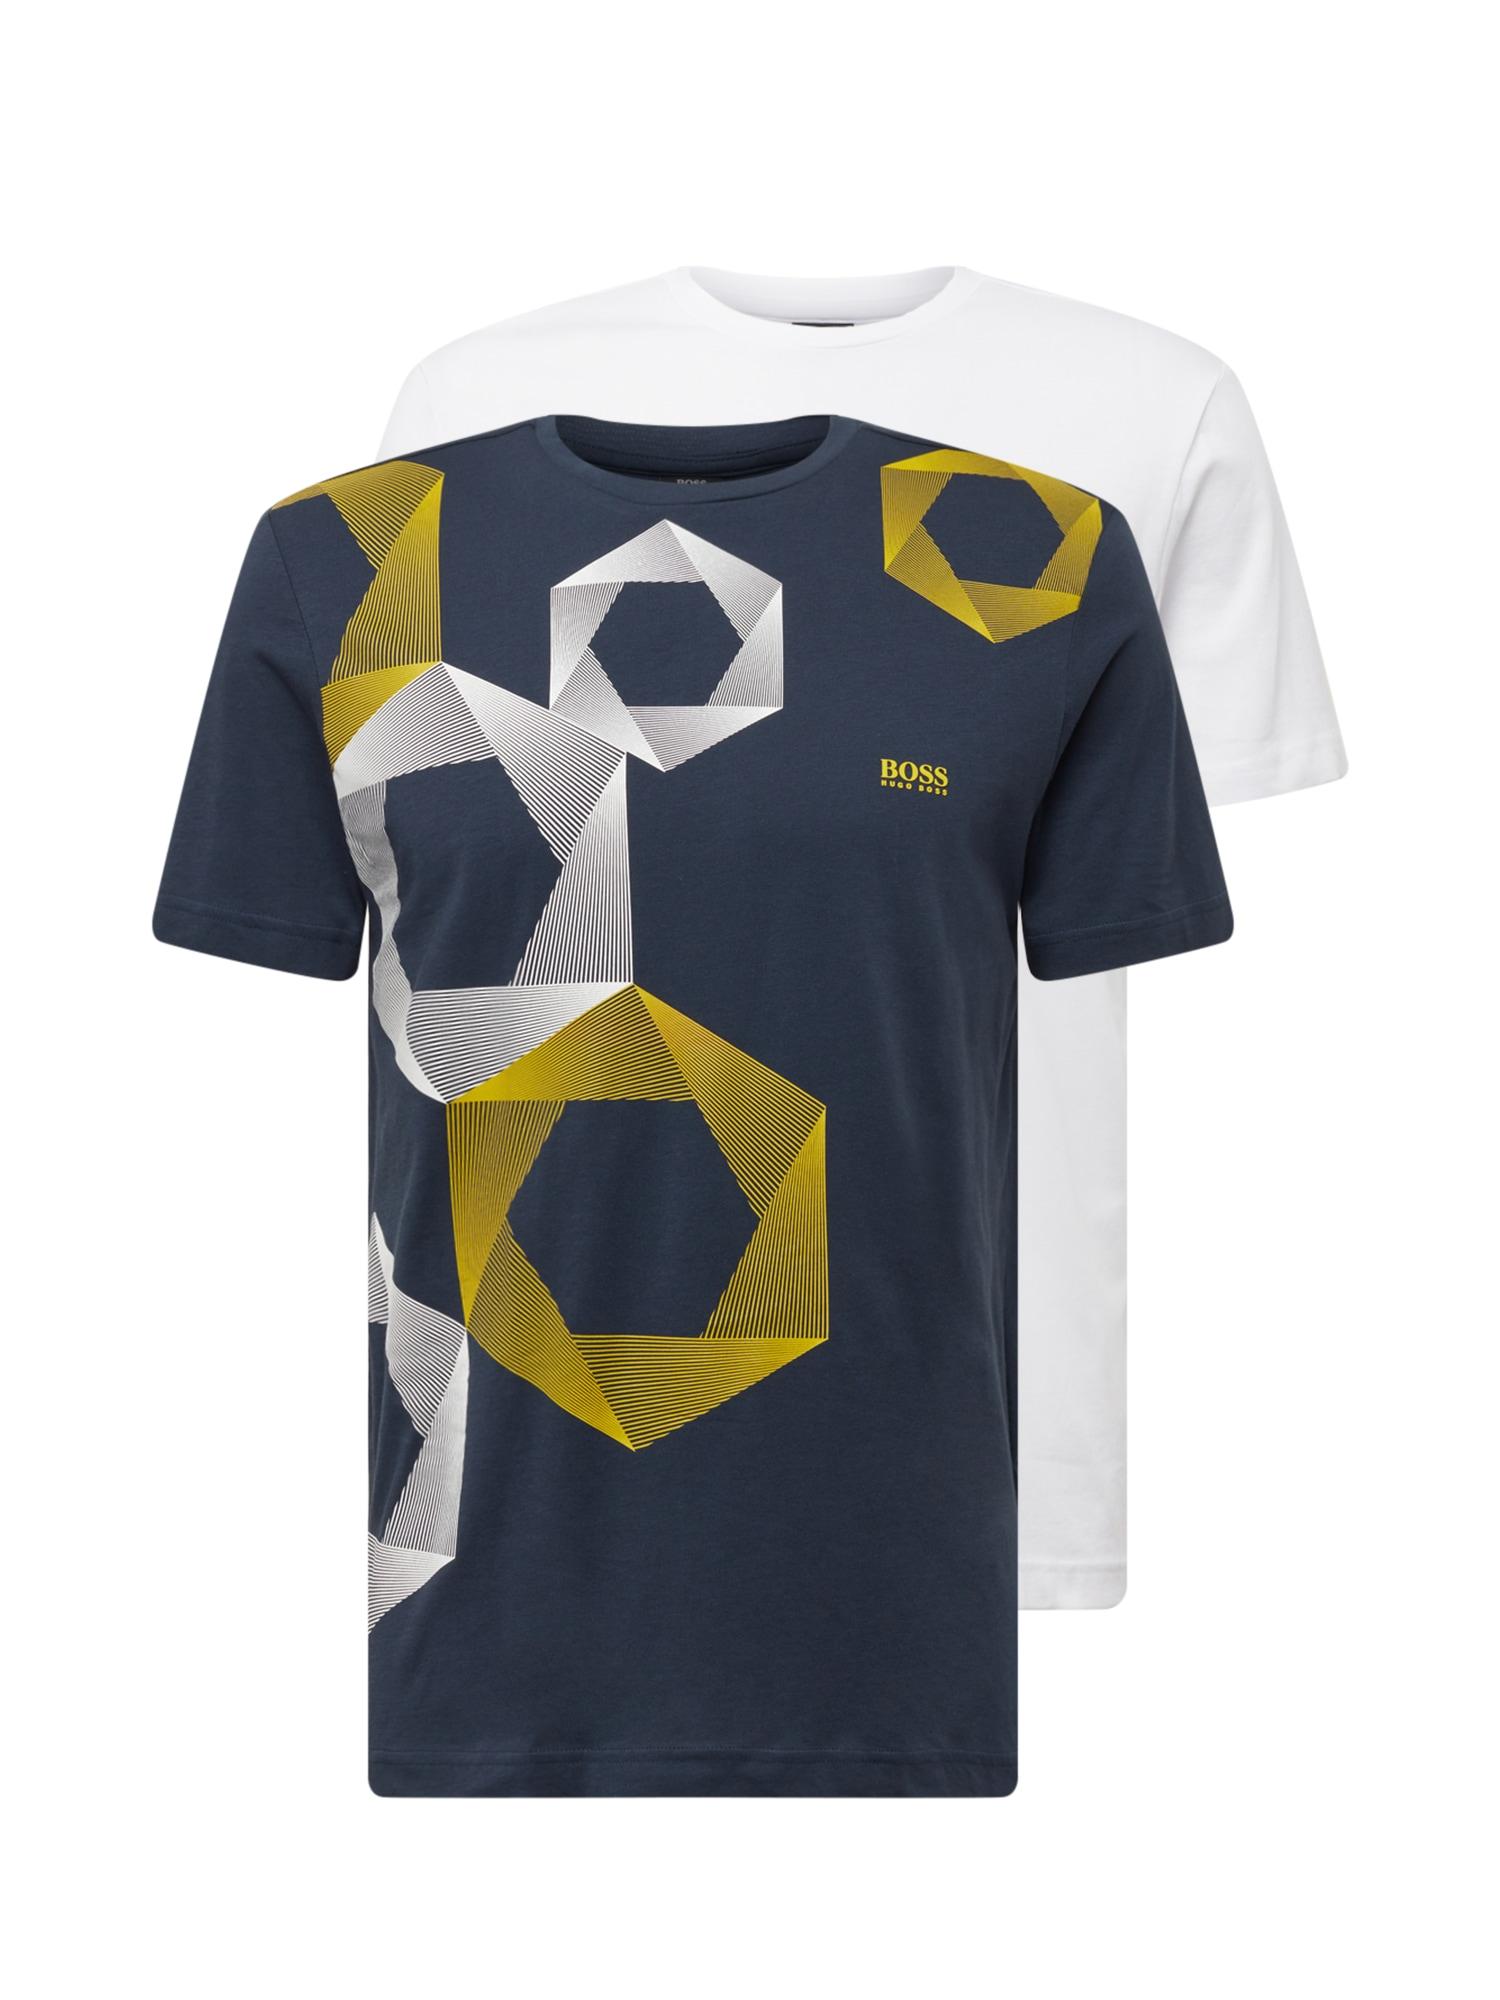 BOSS ATHLEISURE Marškinėliai melsvai pilka / balta / geltona